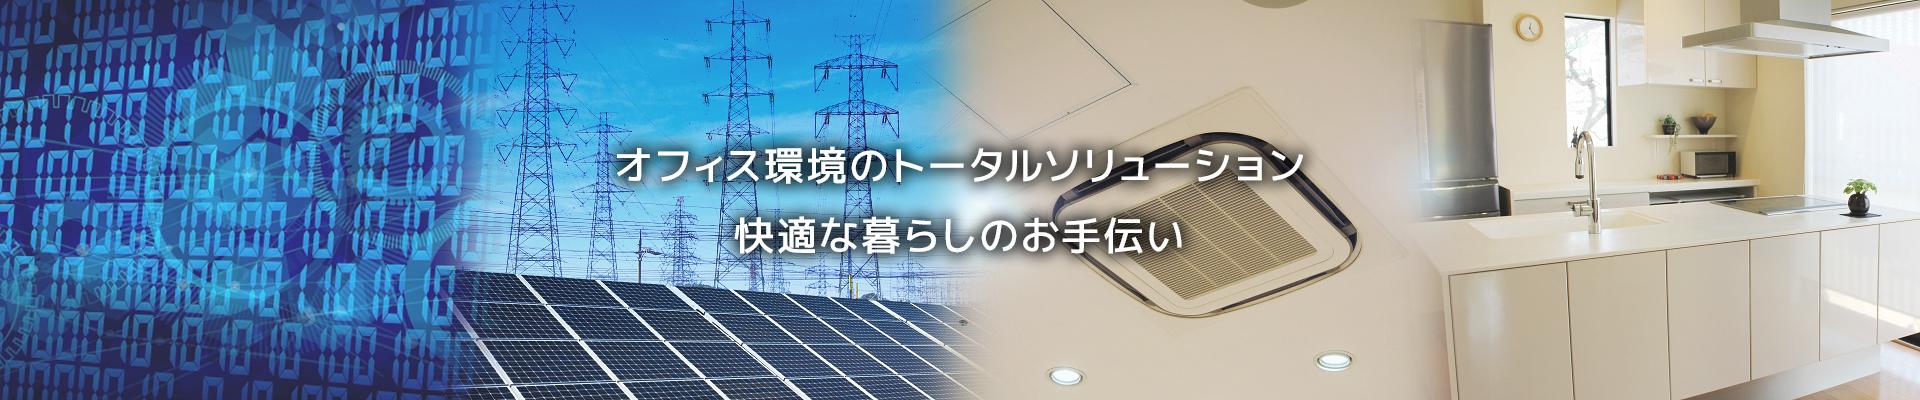 株式会社 電研テクノル